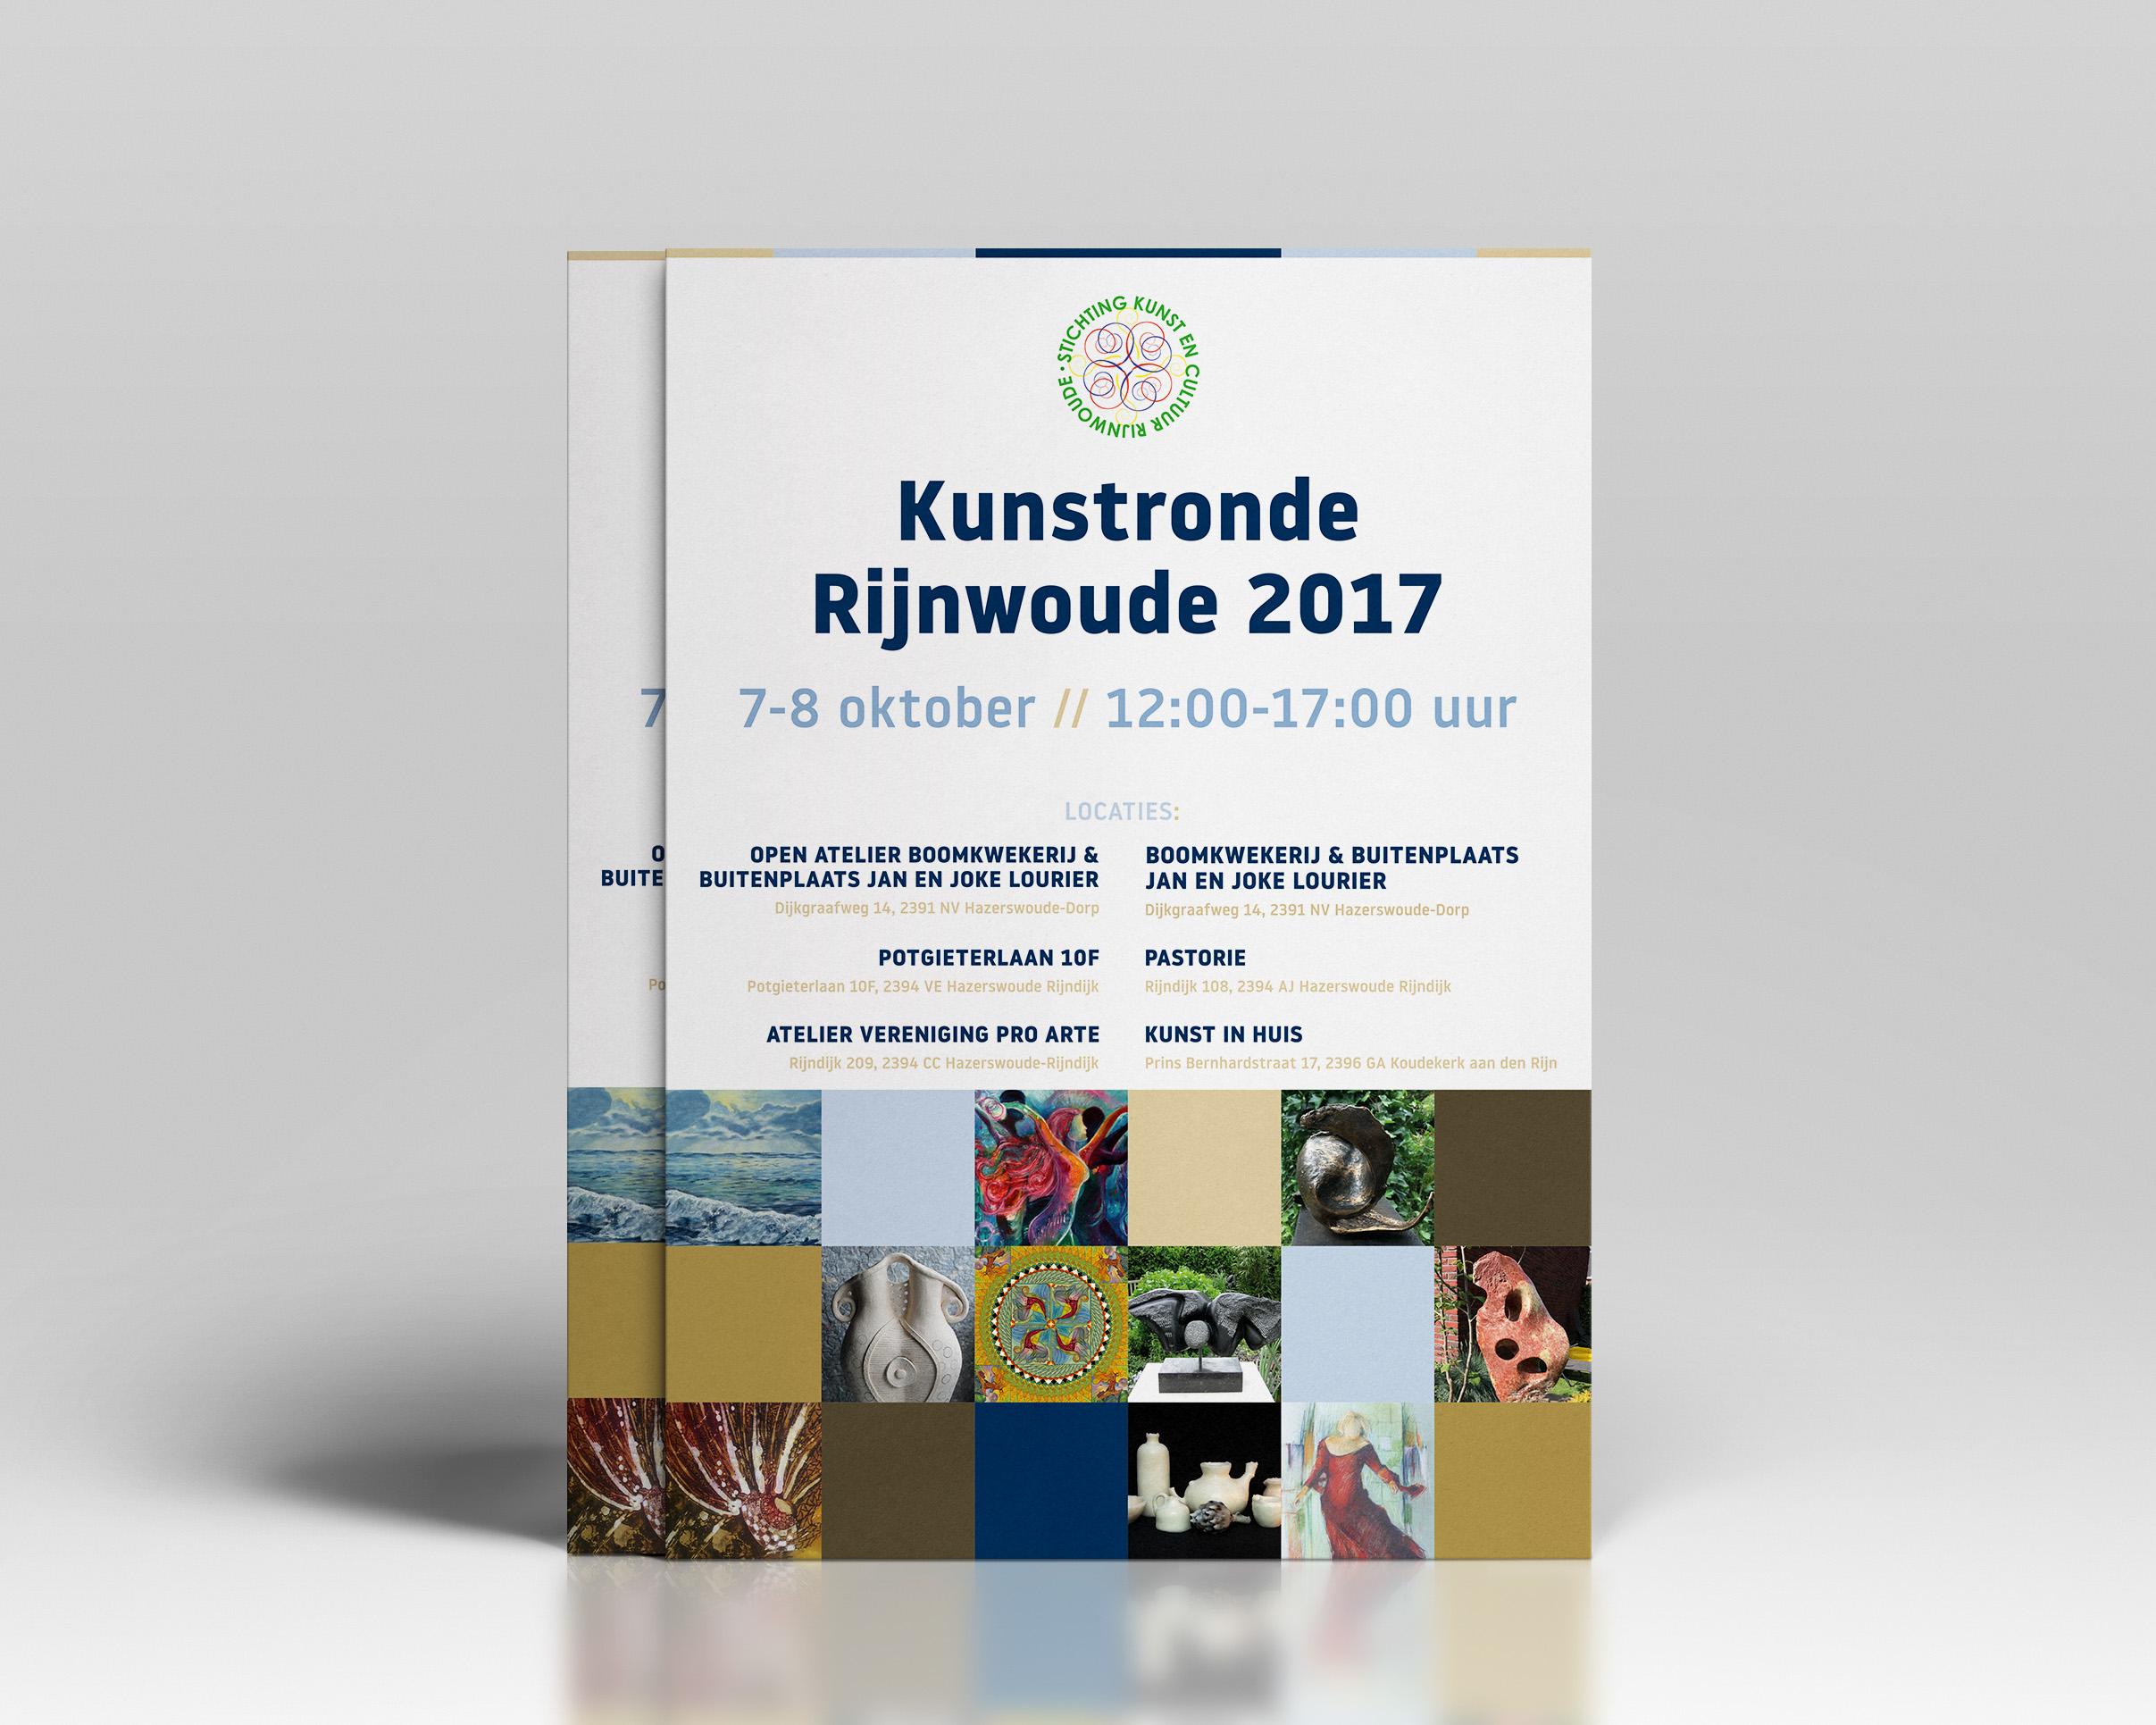 Kunstronde Rijnwoude 2017 - A3 poster